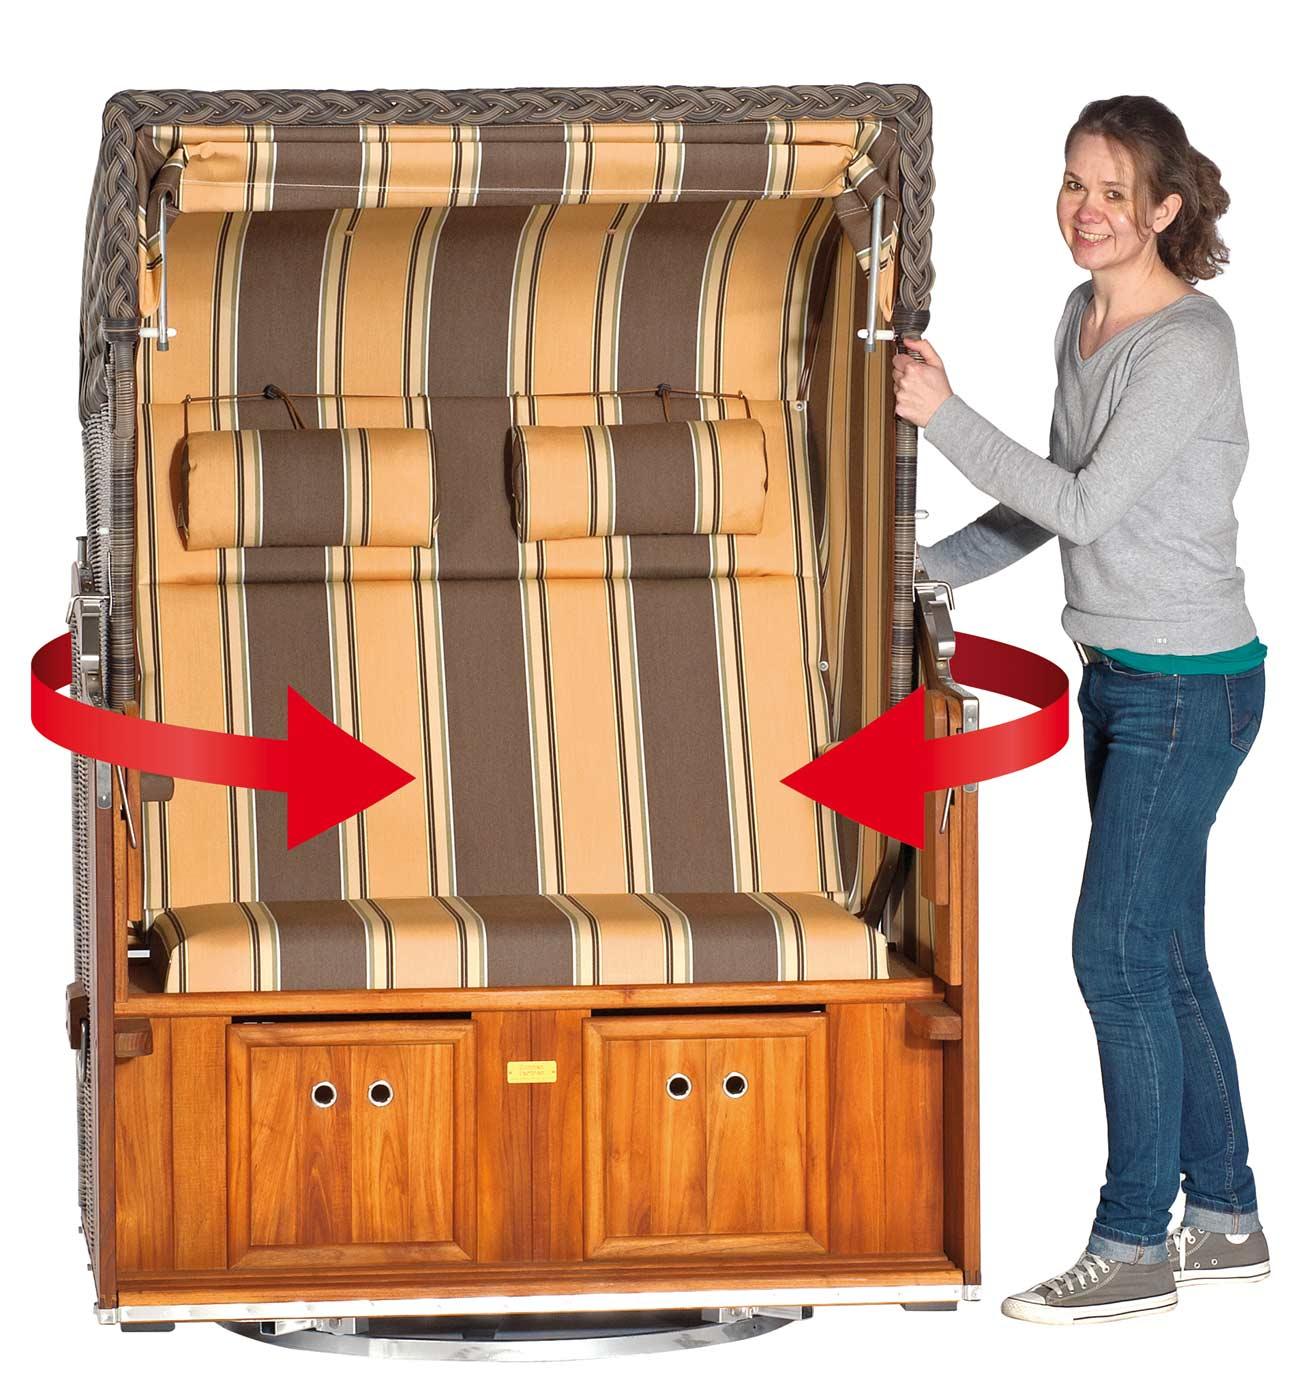 wohnen in garten haus reviews zu strandkorb drehteller sonnenpartner. Black Bedroom Furniture Sets. Home Design Ideas